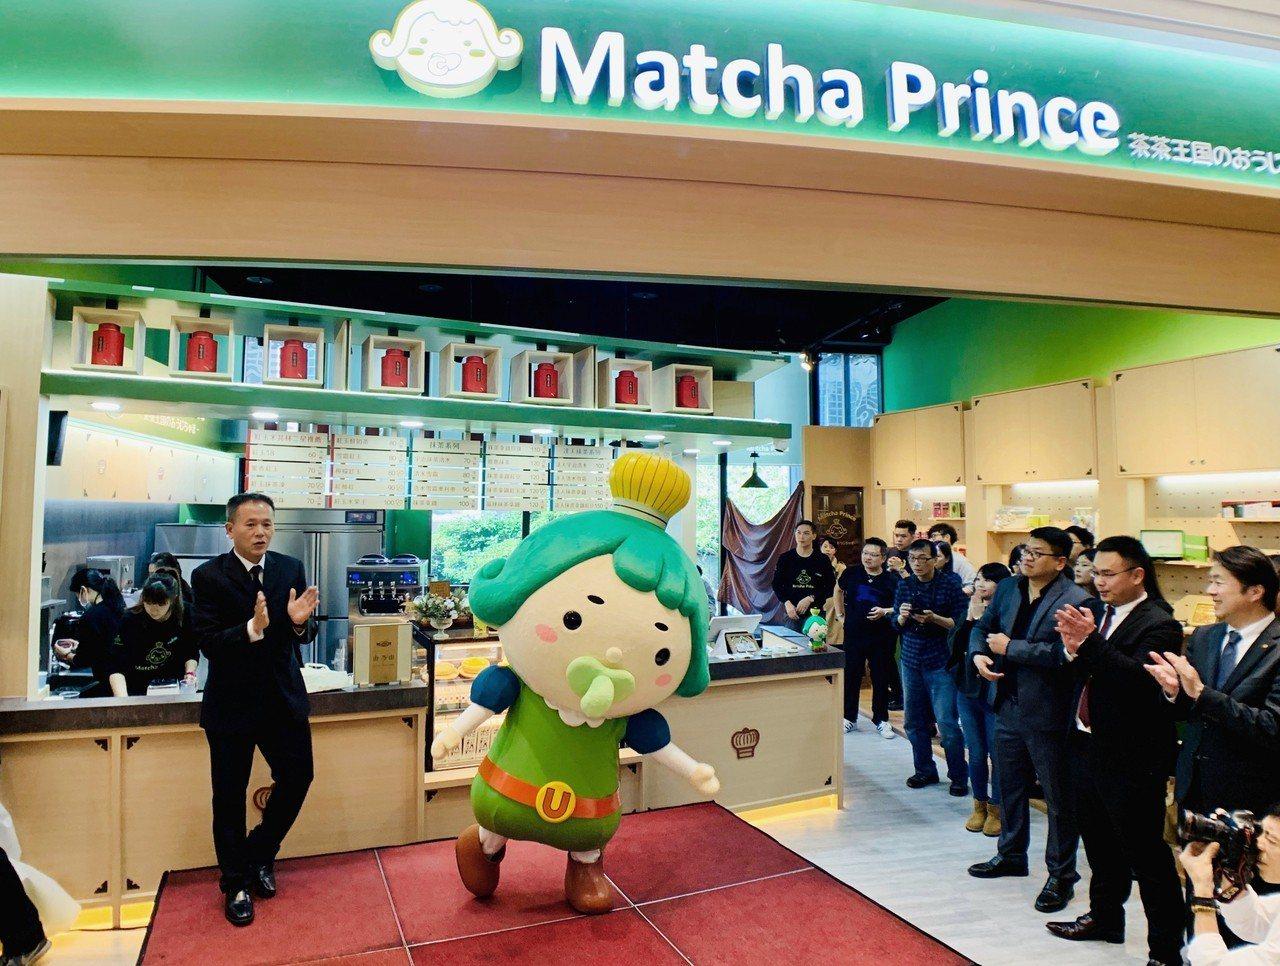 新茶飲品牌「Match Prince」台灣首店正式開幕。記者張芳瑜/攝影